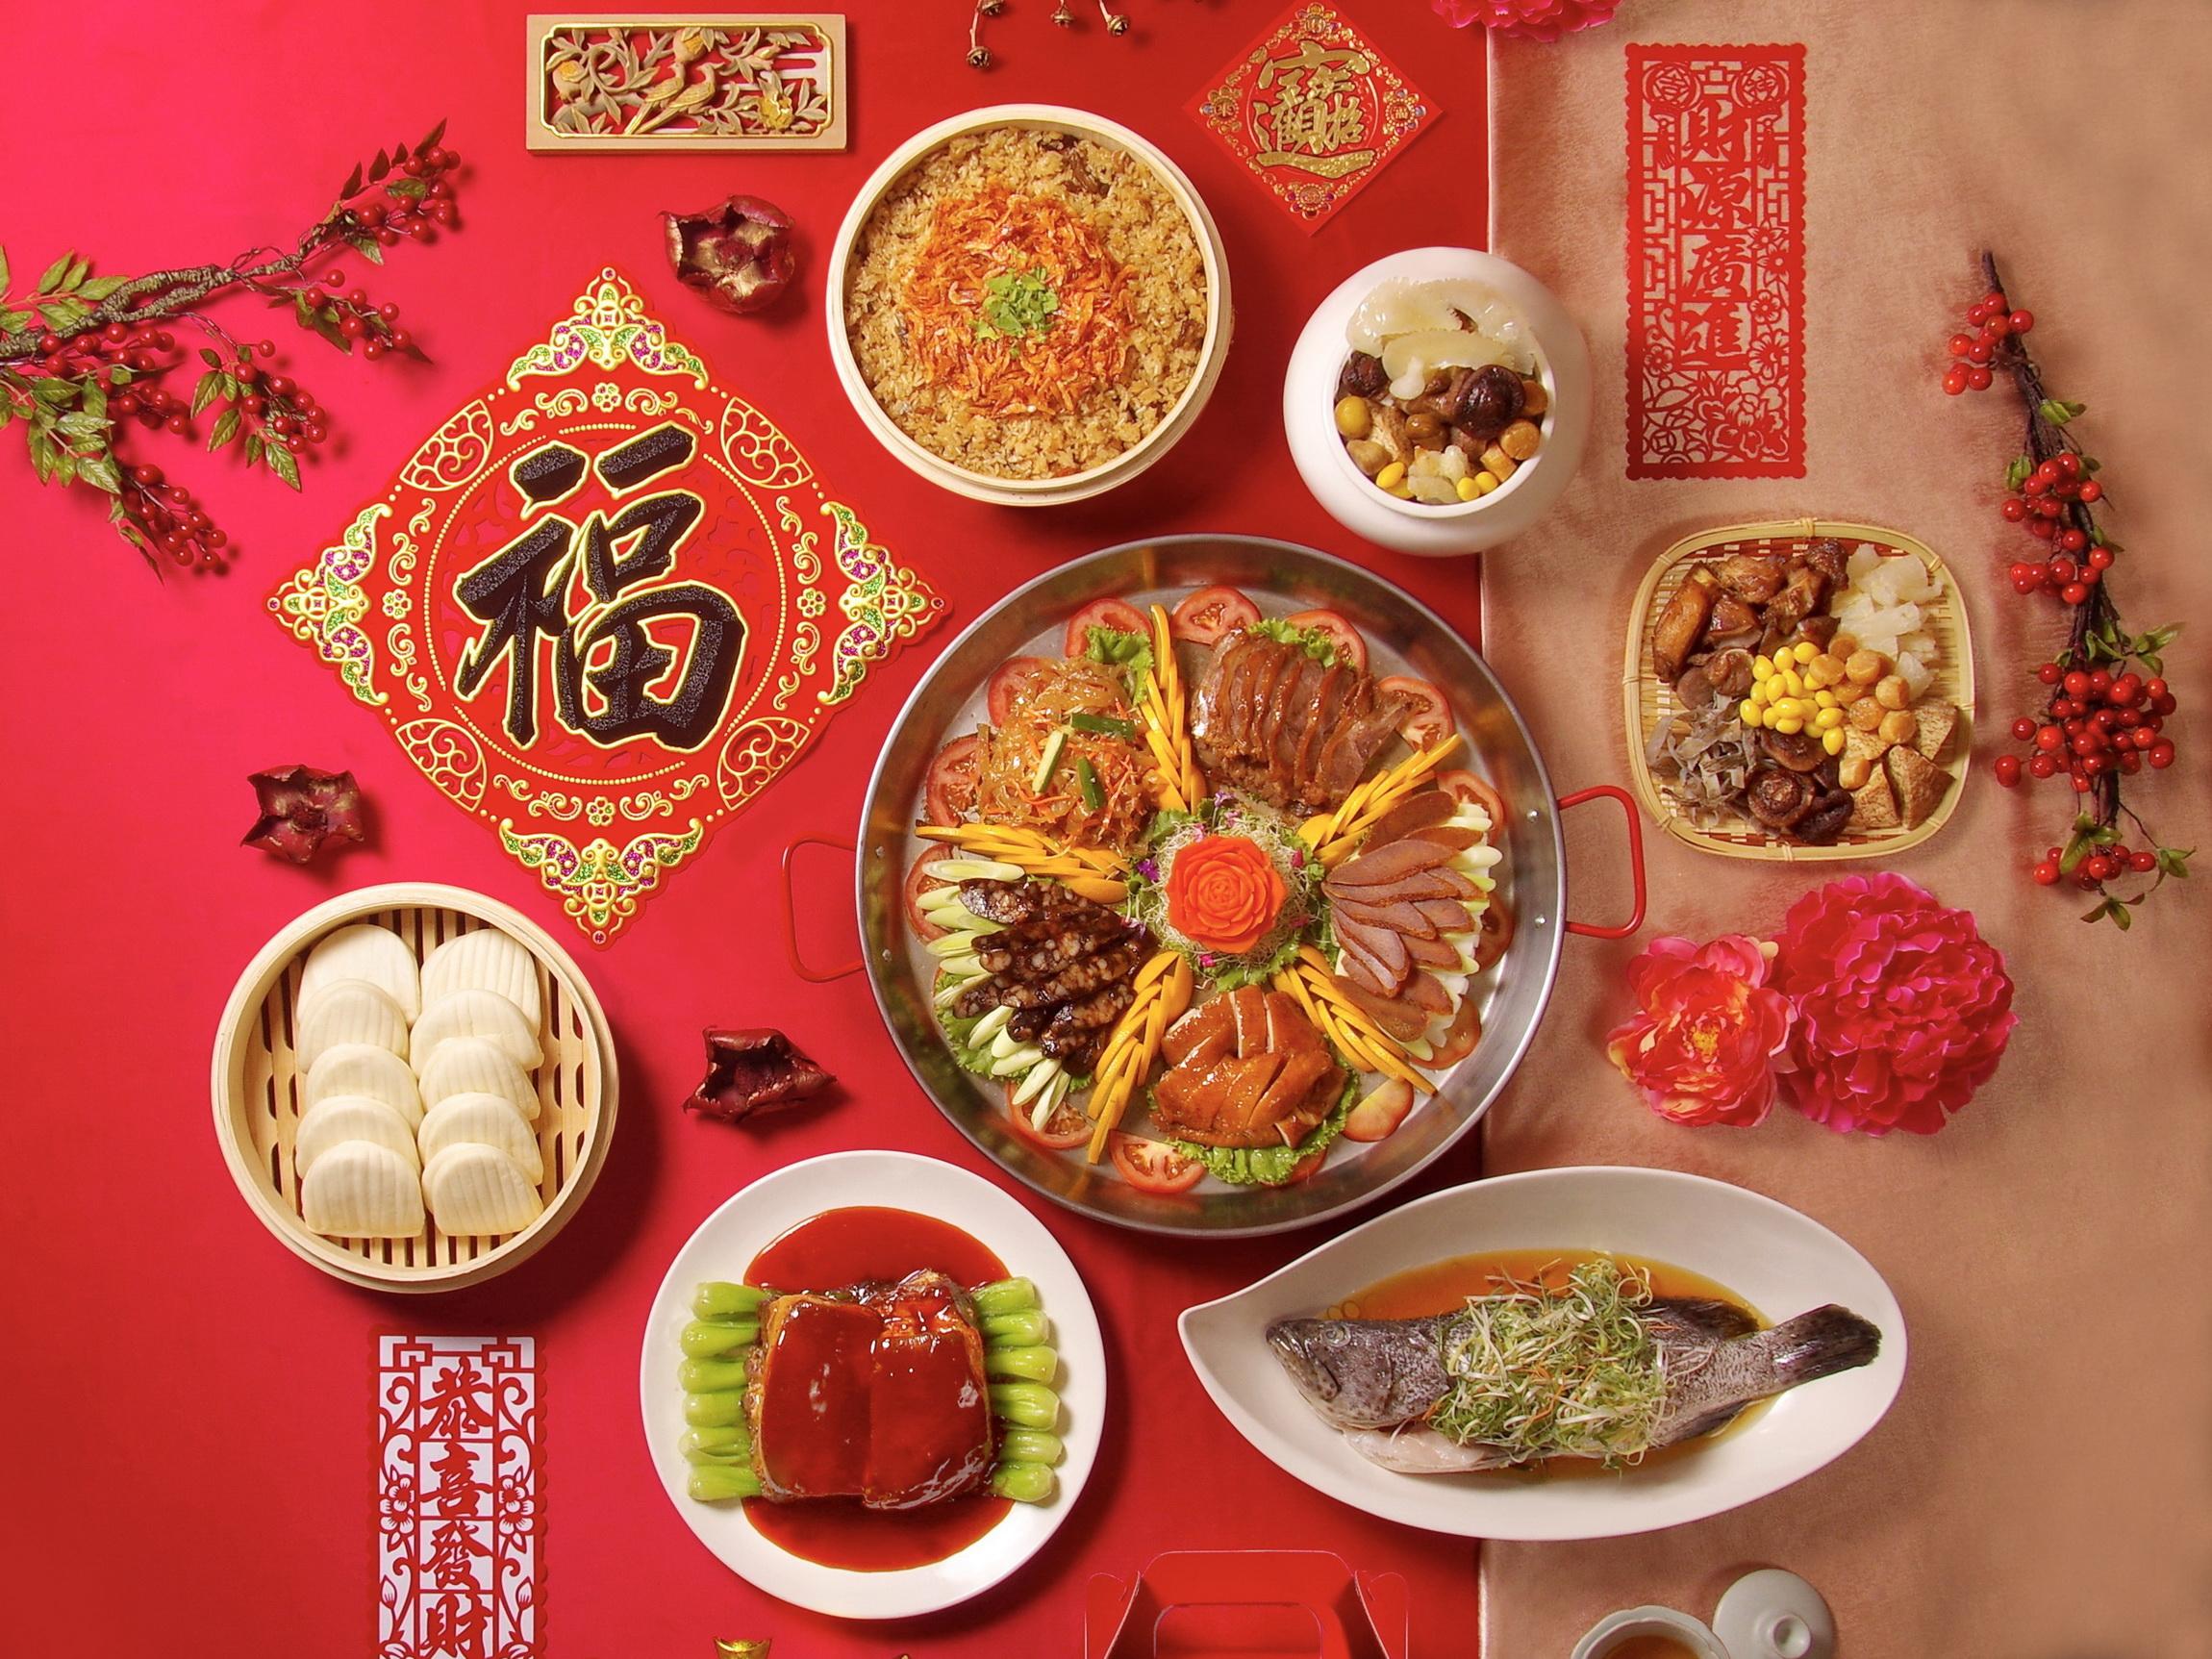 《農曆新年特集》金鼠年年菜出爐!全台新春開運年菜禮盒限量搶購中